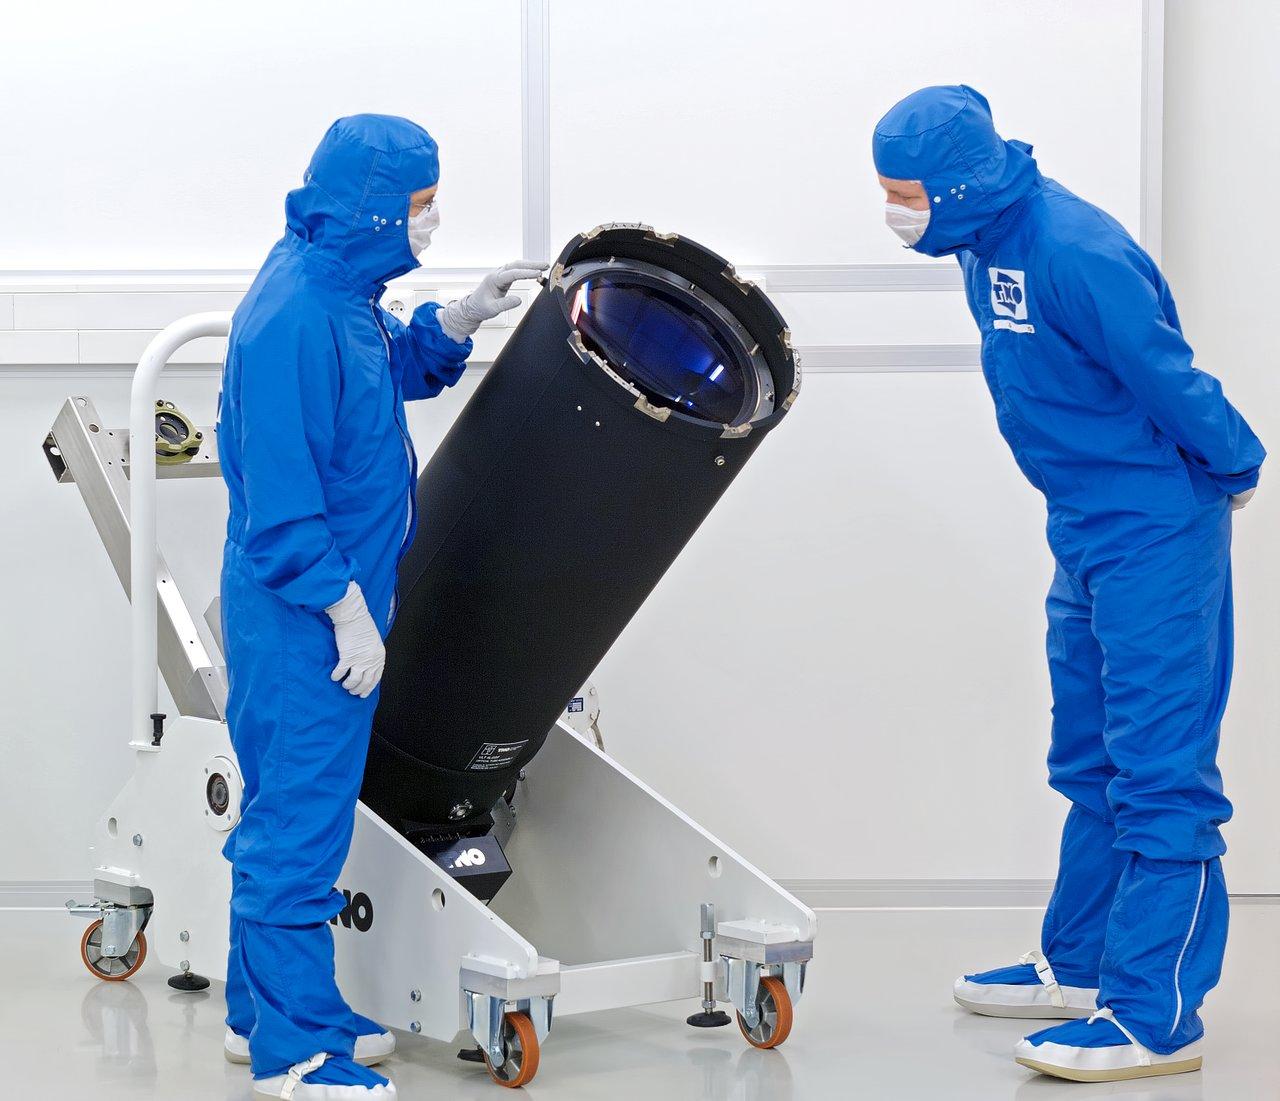 VLT 4LGSF Laser Launch Telescope